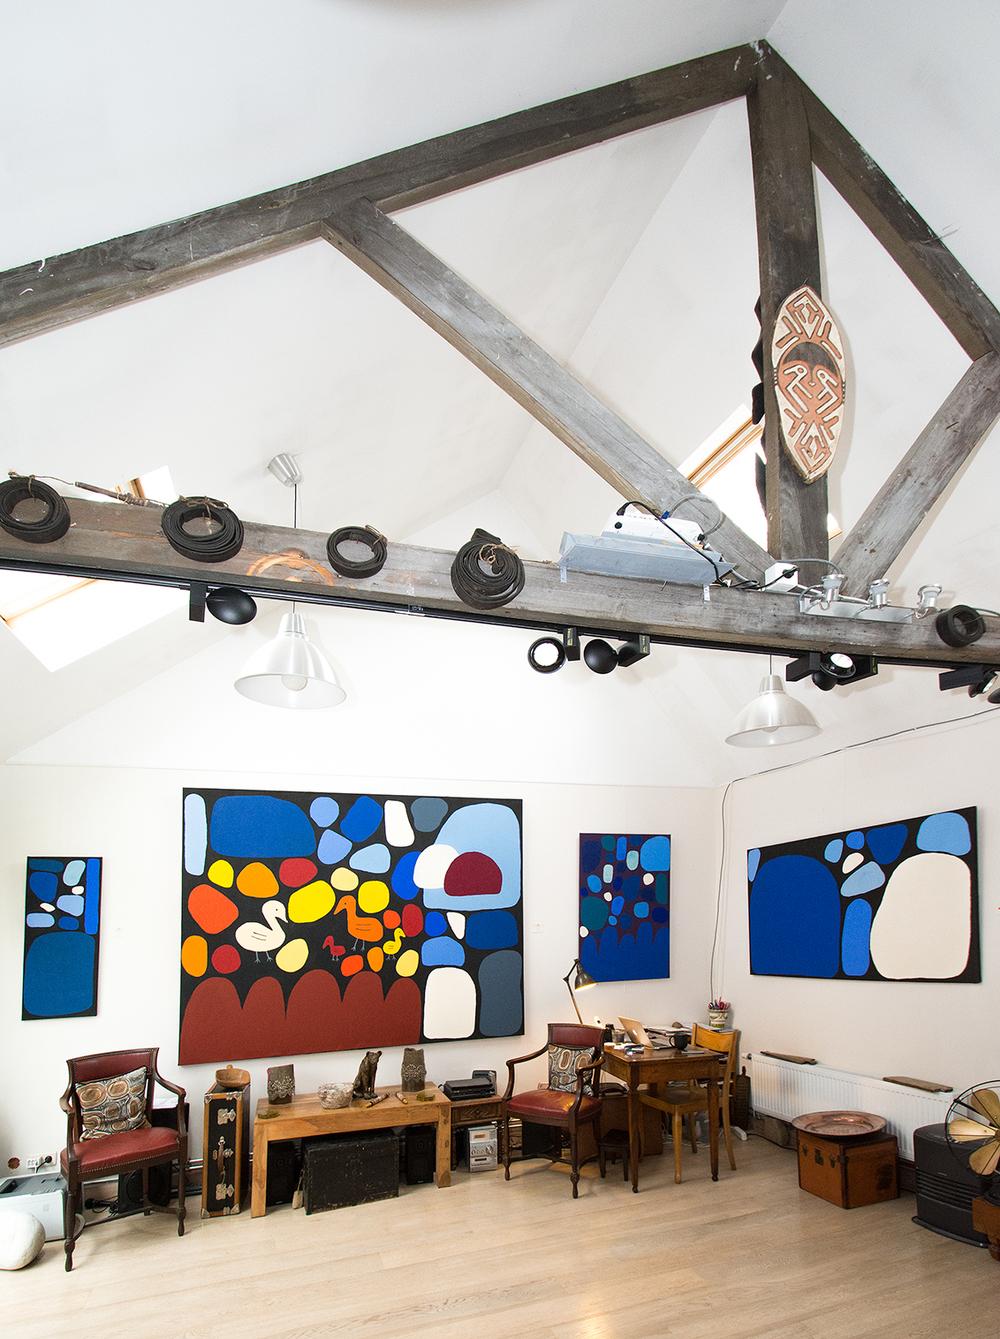 Vue de l'exposition Kaléidoscope millénaire. De gauche à droite, les œuvres de l'artiste Keturah Zimran. Jusqu'au 17 décembre à la galerie.